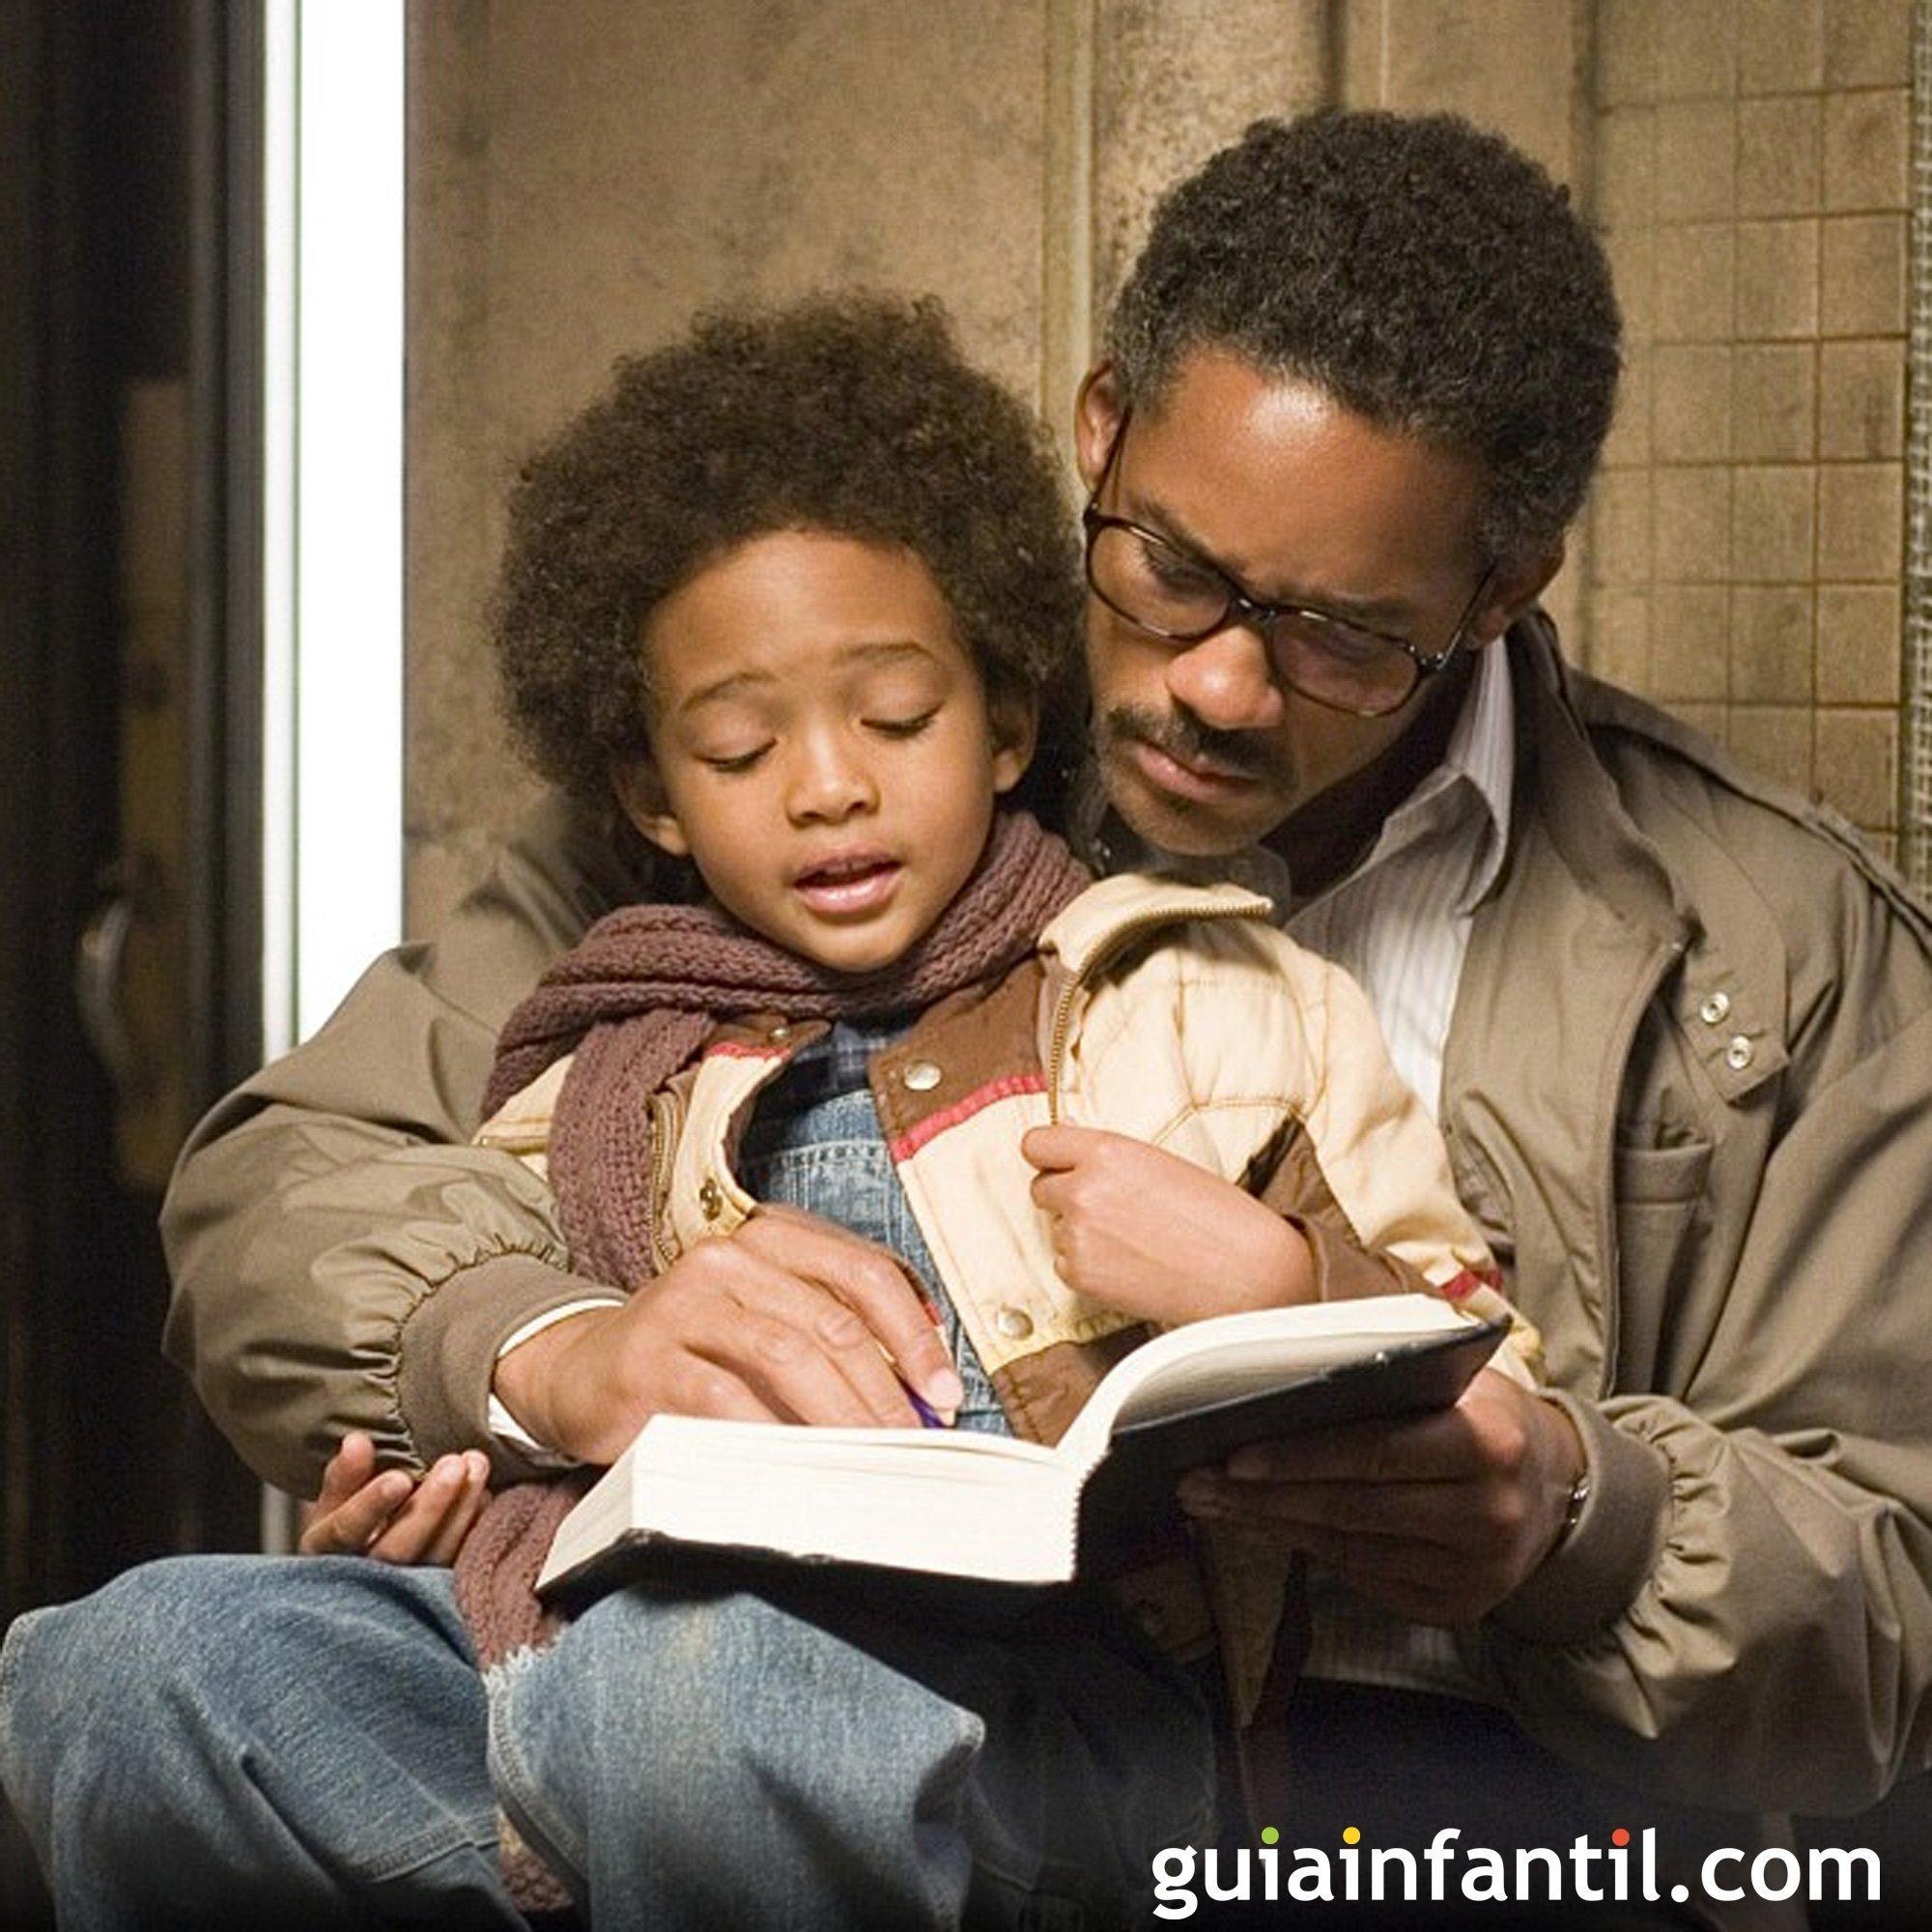 En busca de la felicidad. La unión de padre e hijo